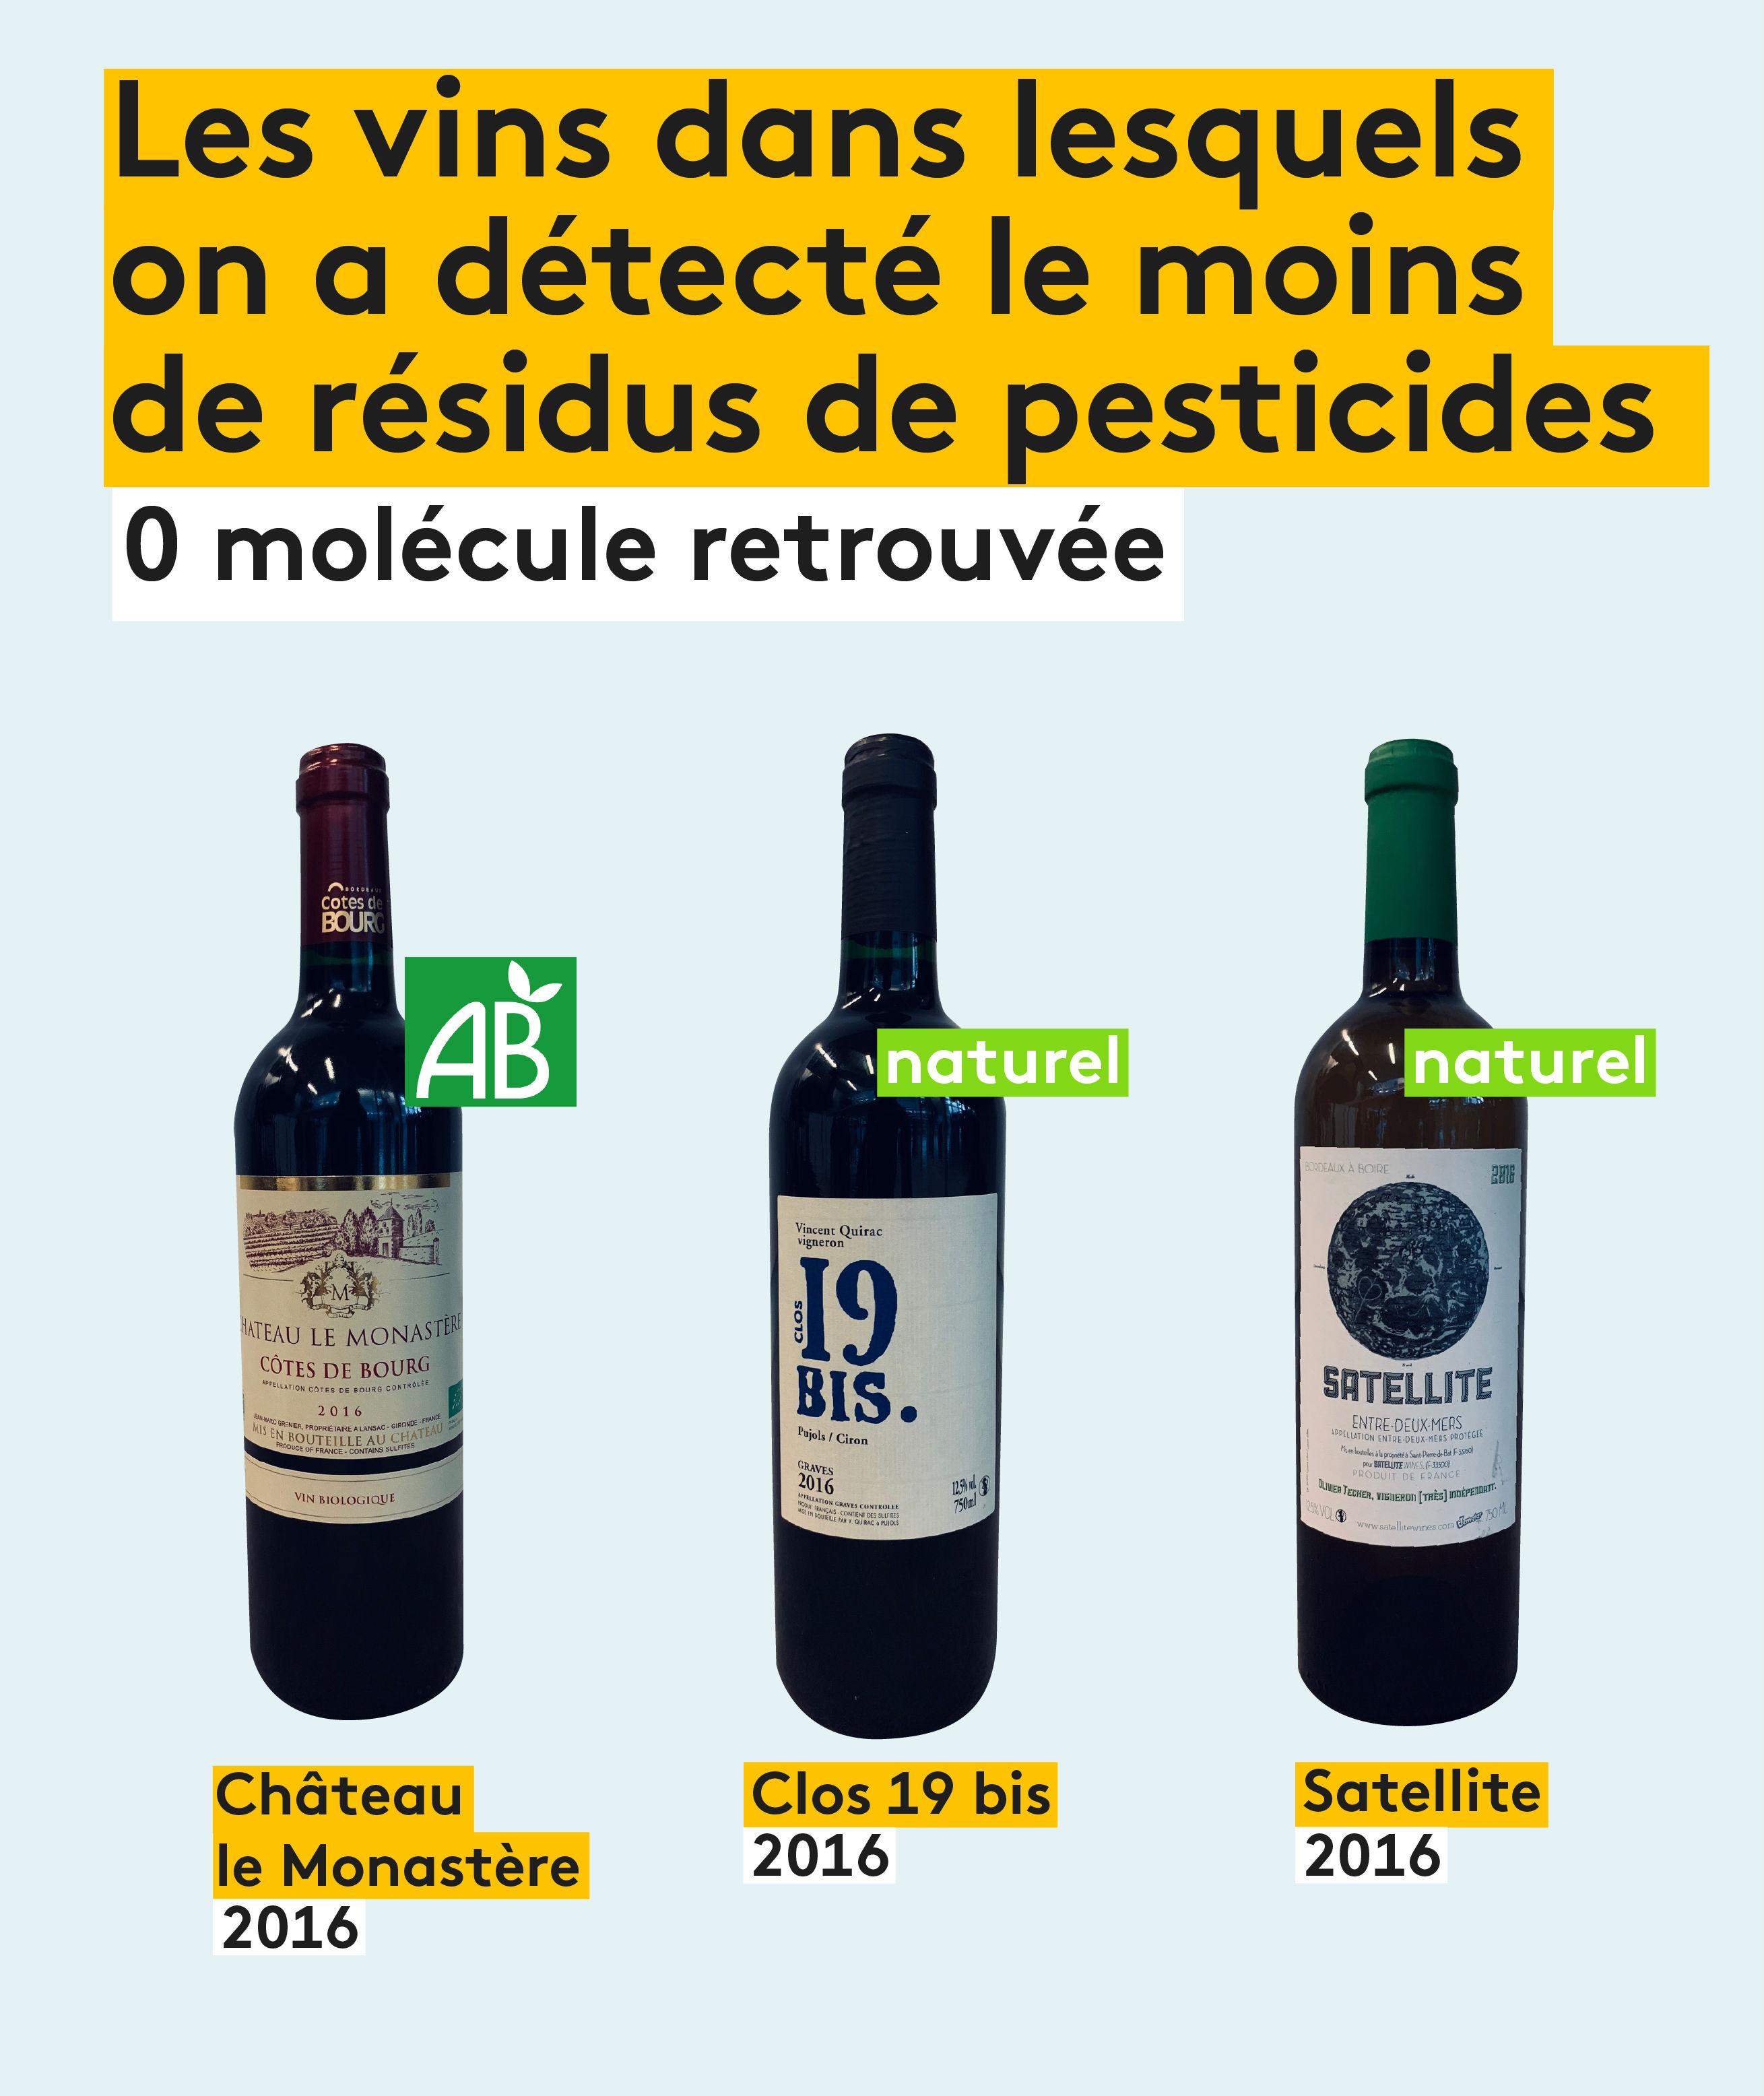 Les vins où l\'on a détecté le moins de résidus de pesticides.